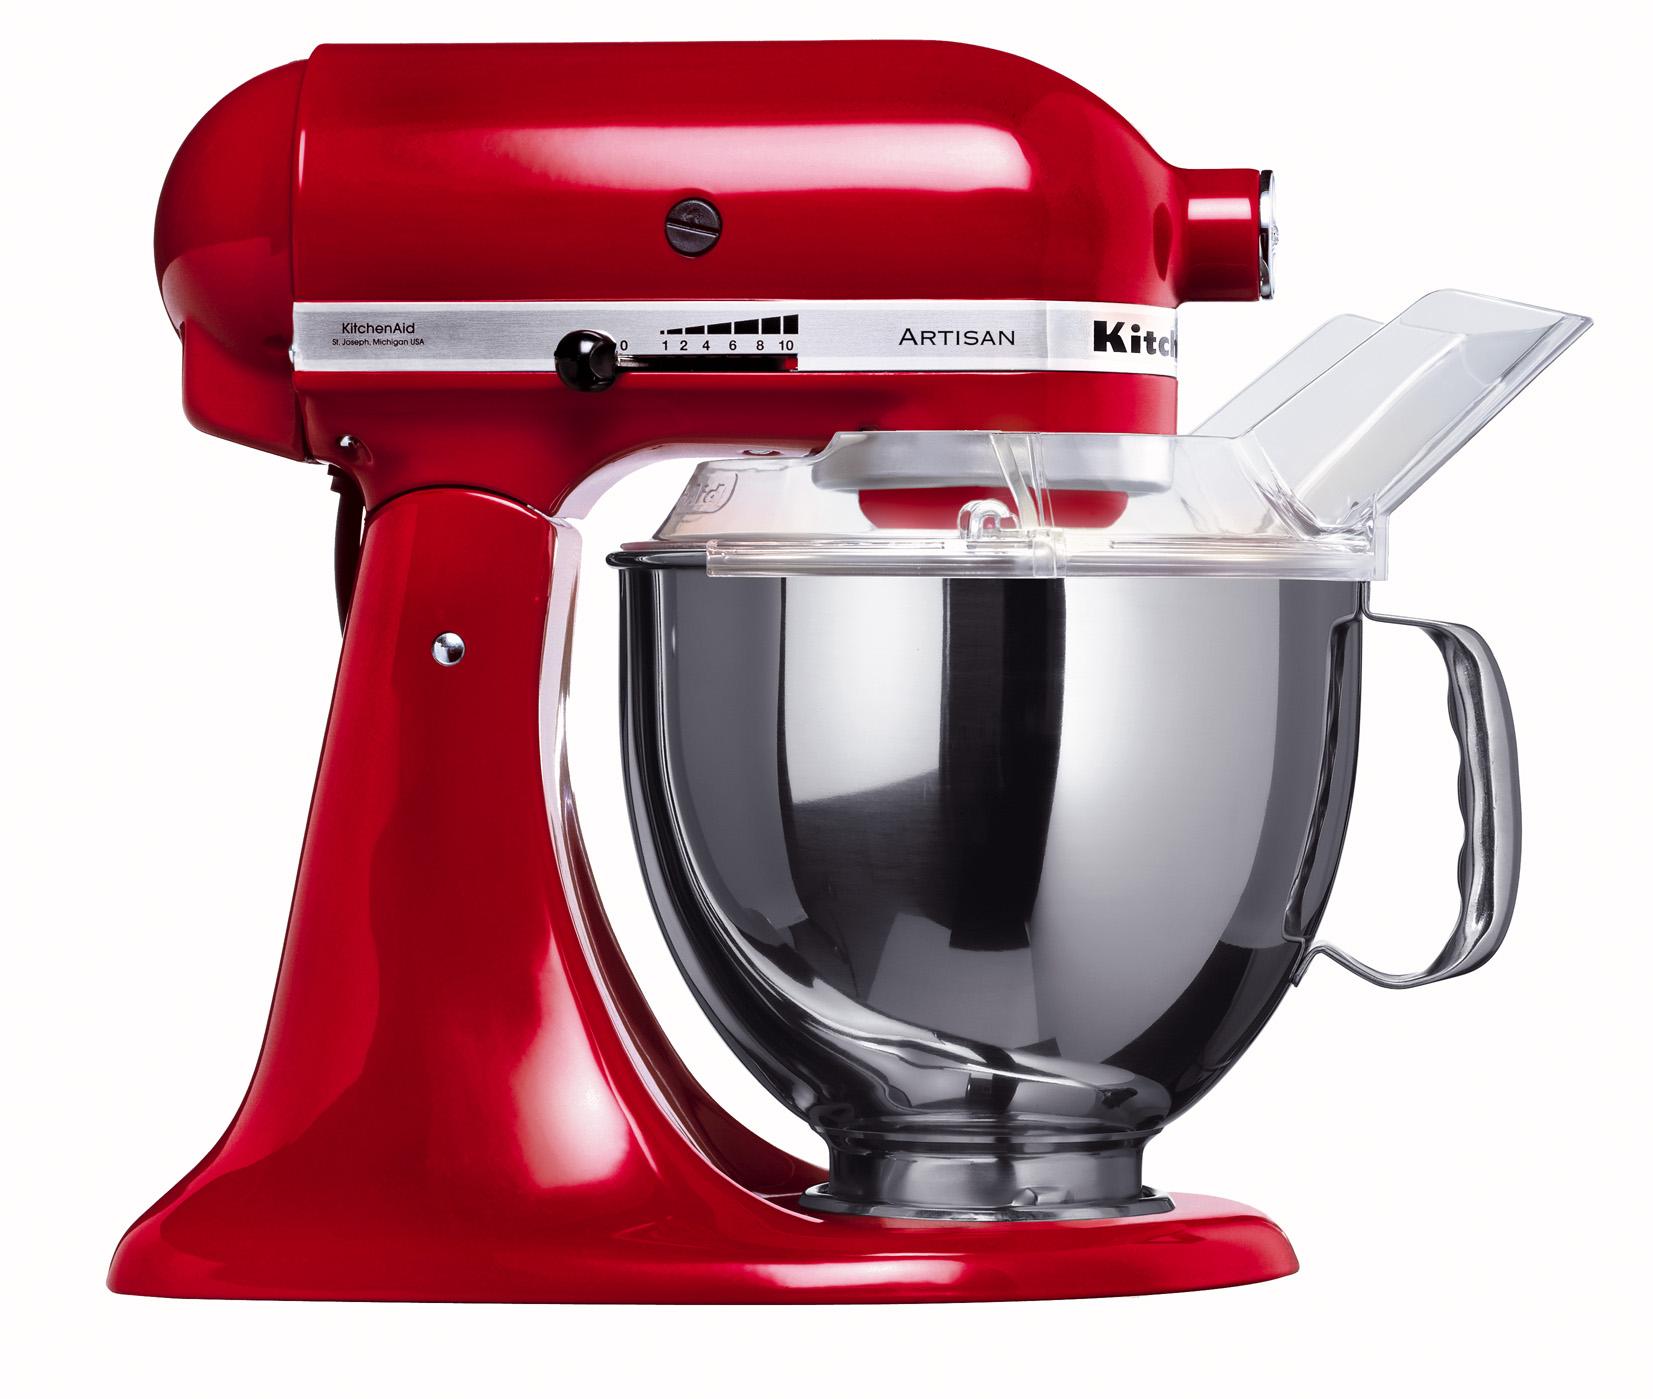 Kitchenaid stand mixer whisk attachment photo - 1